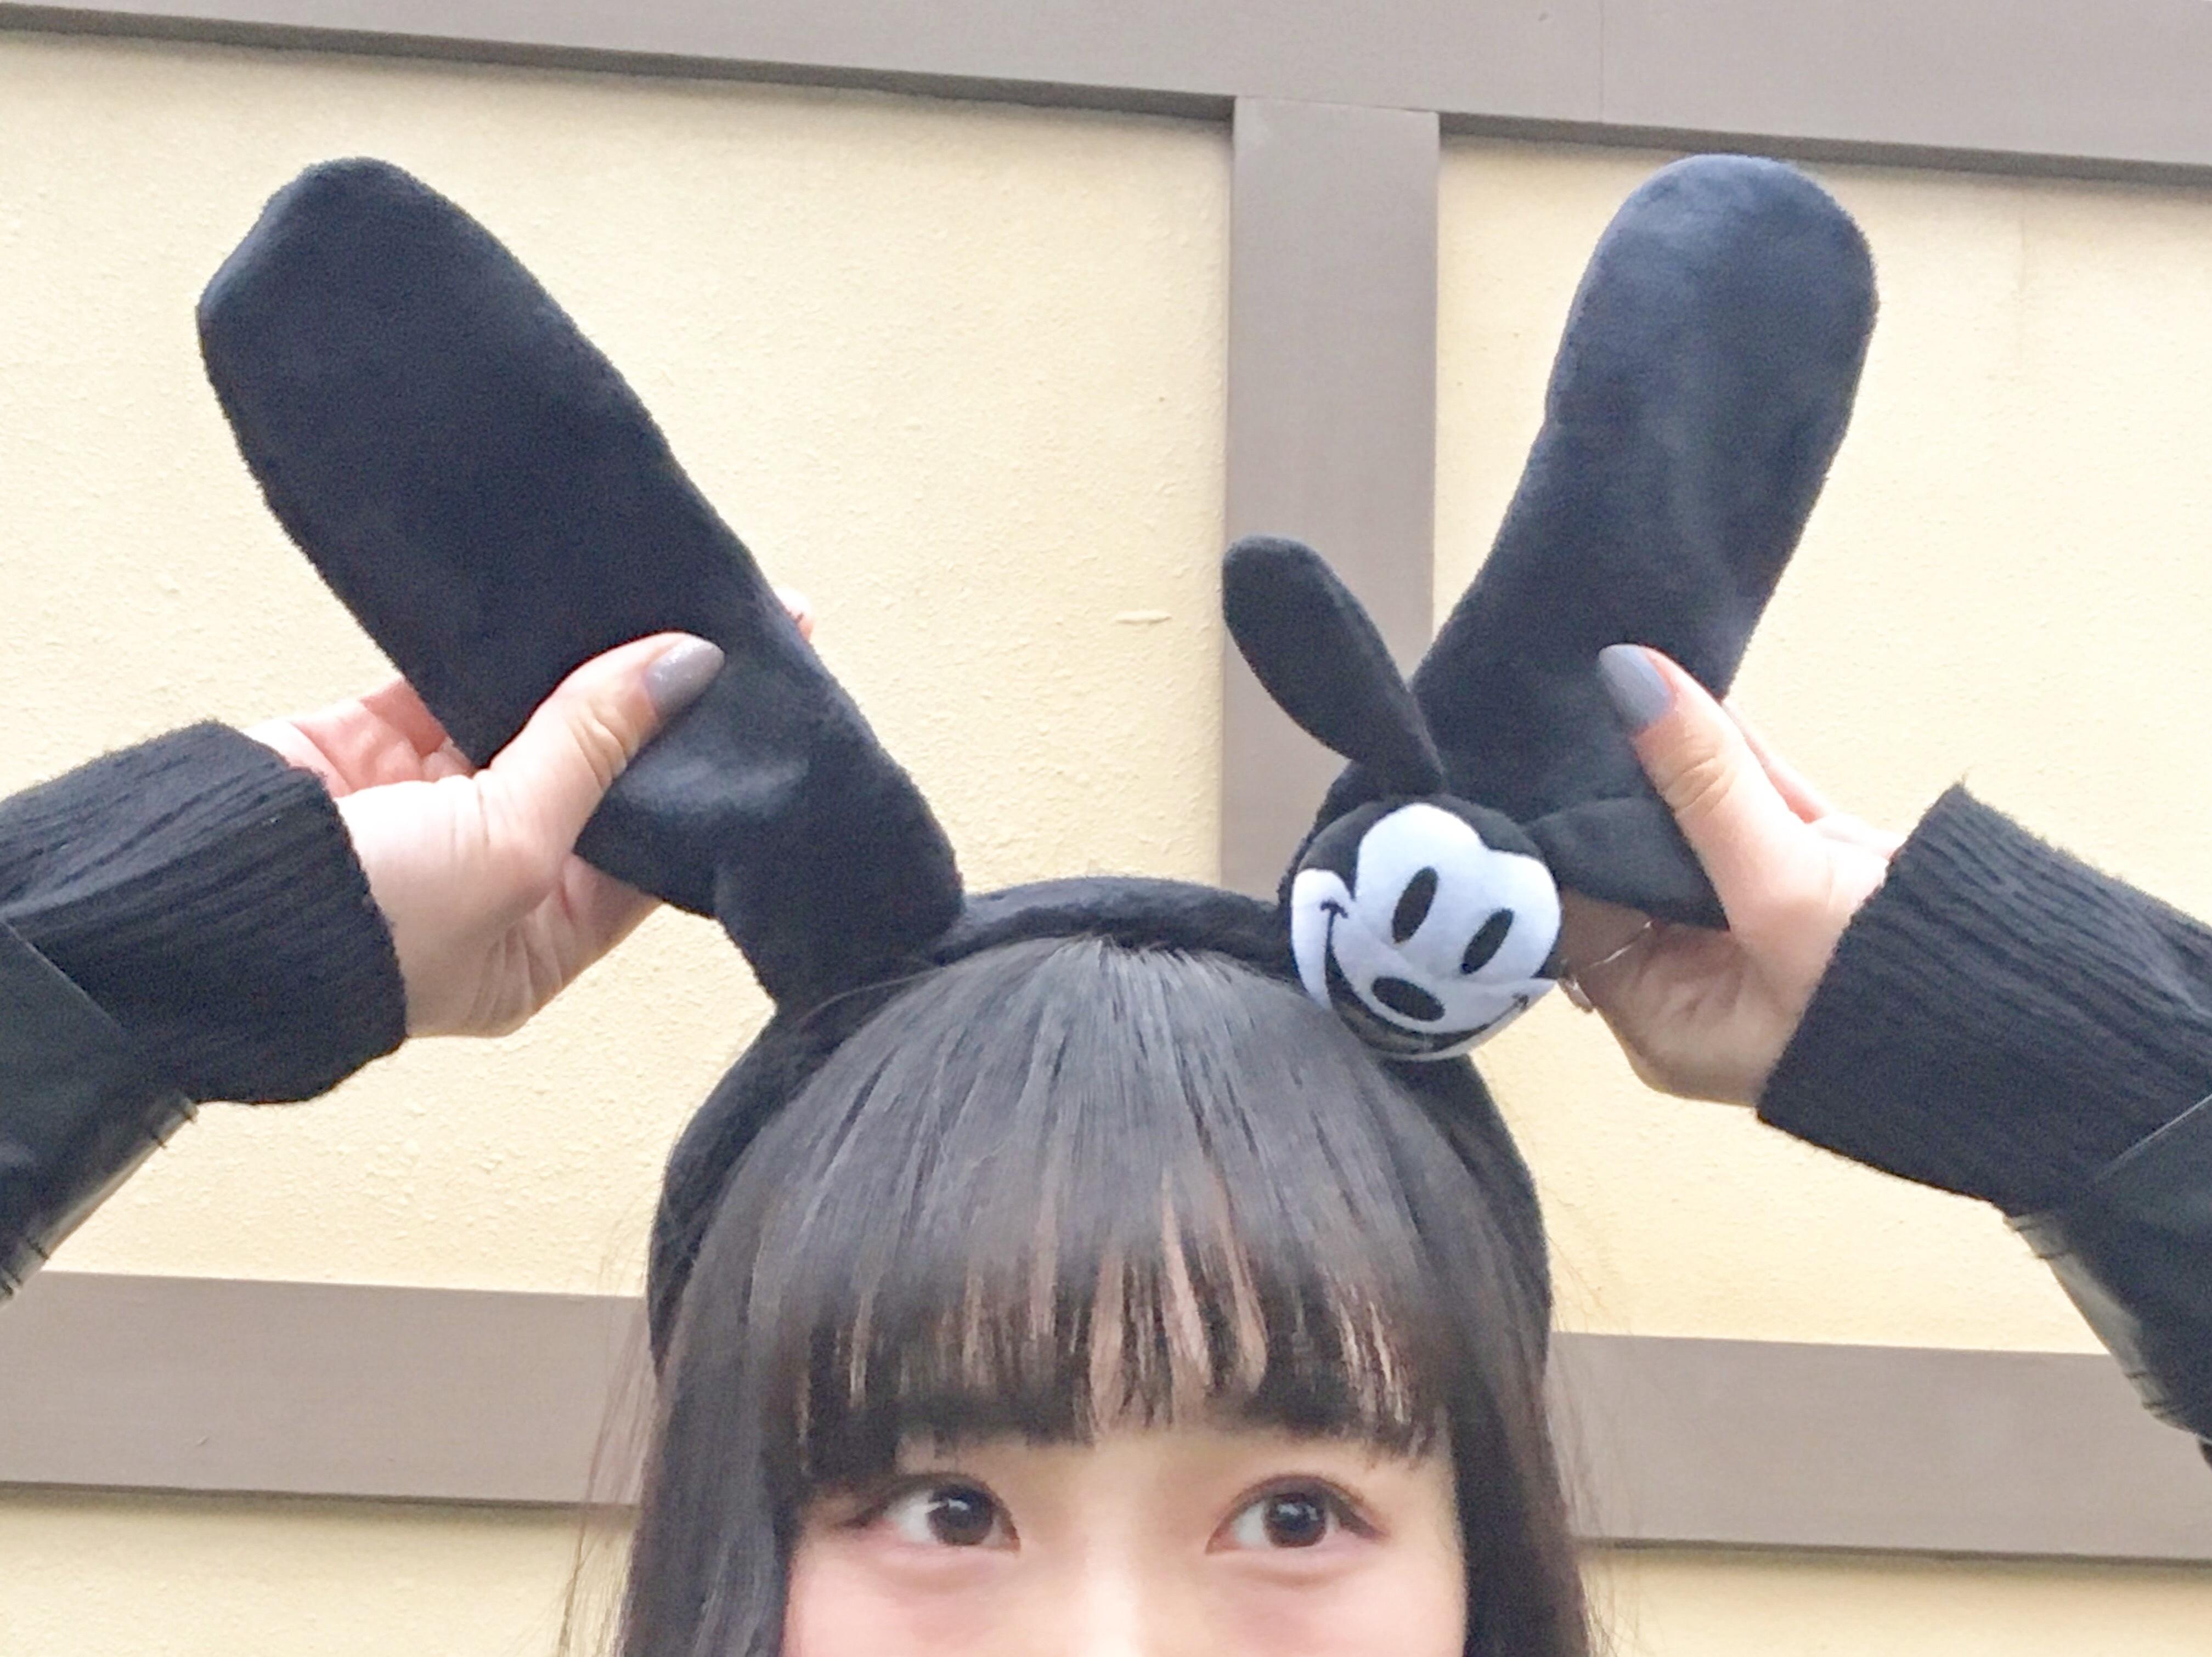 迷ったらコレ!ディズニーの人気カチューシャ&モノクロコーデ紹介\( ˆoˆ )/♡_1_1